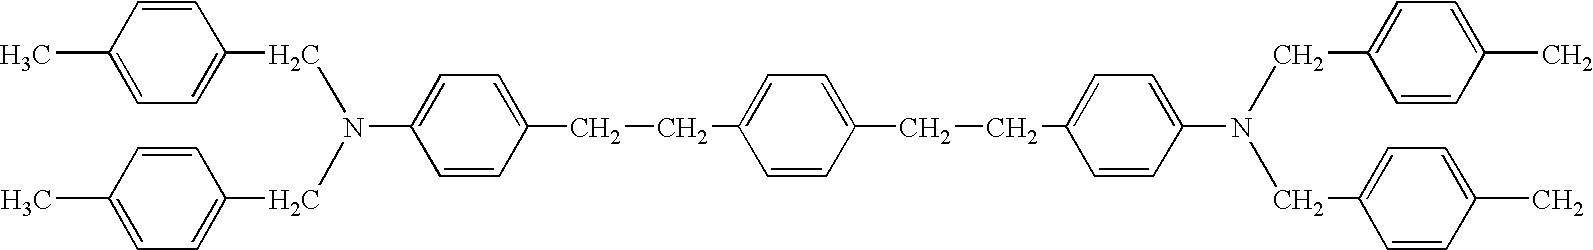 Figure US20050008957A1-20050113-C00035